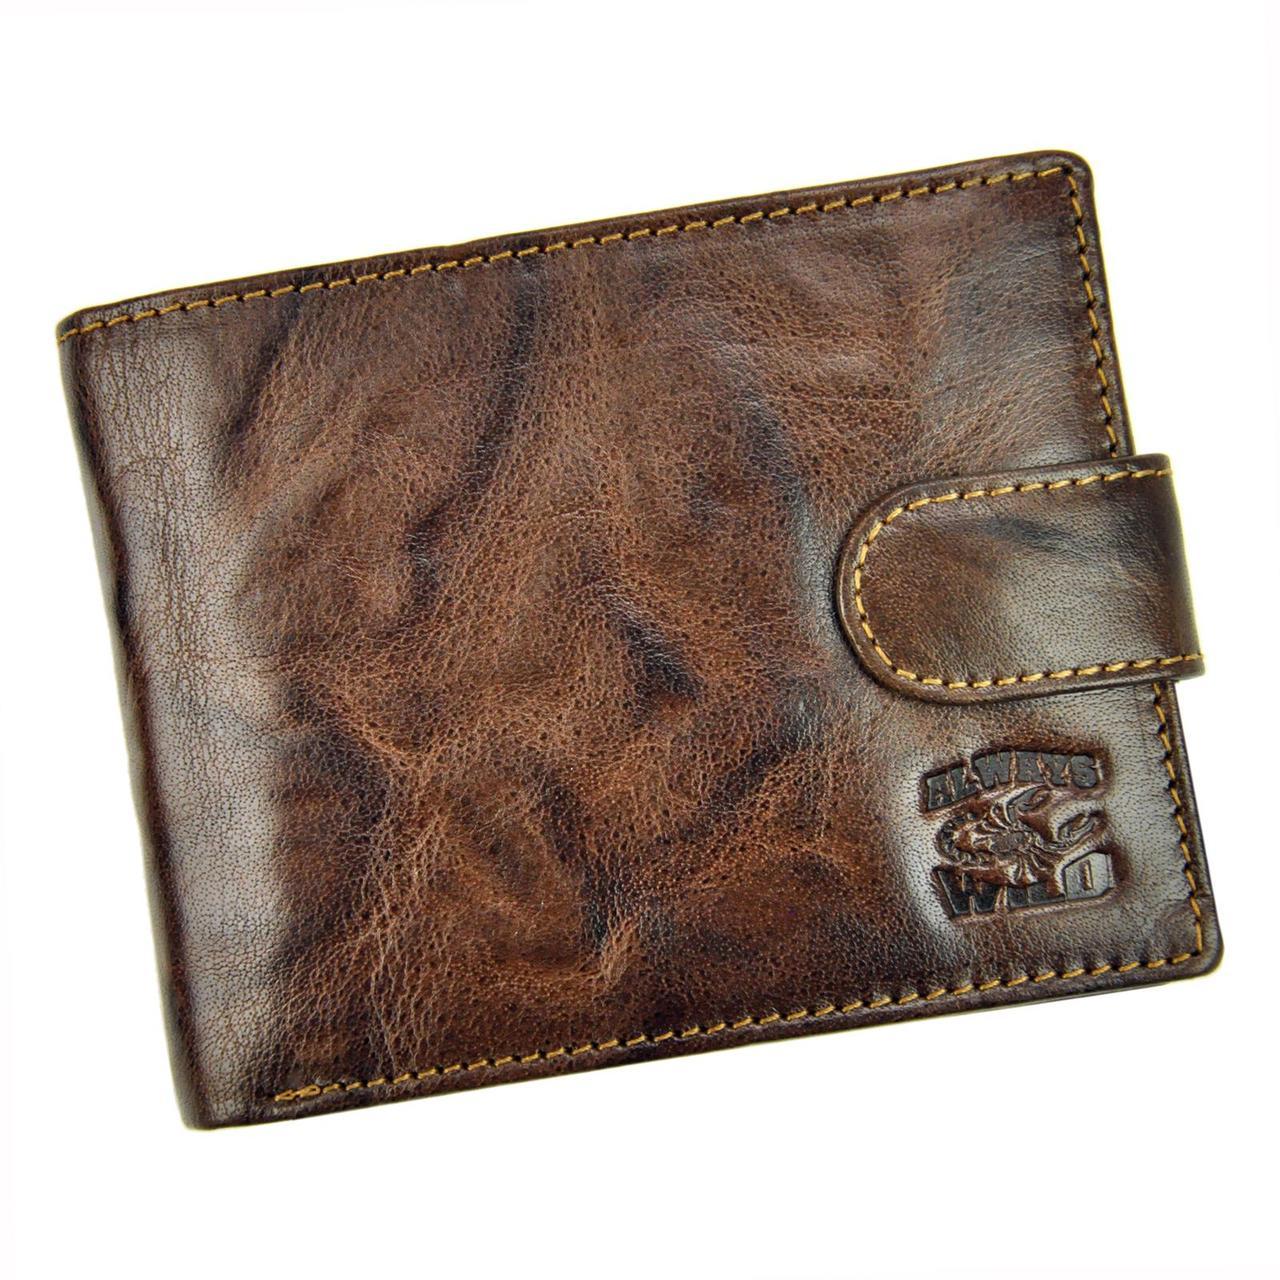 Чоловічий шкіряний гаманець Wild N992L-BC RFID Темно-коричневий